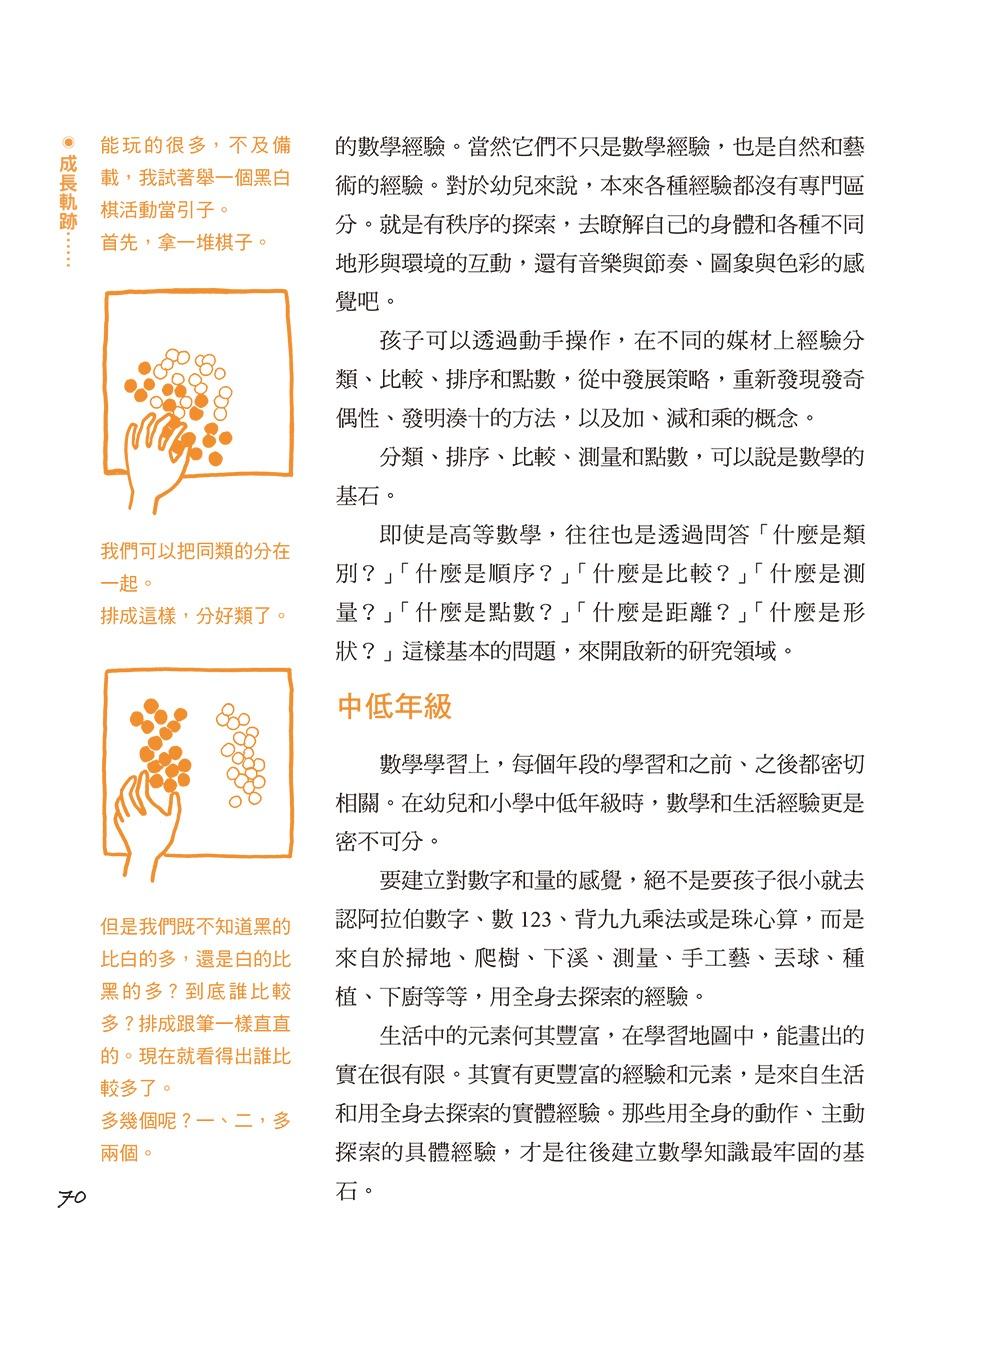 http://im2.book.com.tw/image/getImage?i=http://www.books.com.tw/img/001/068/72/0010687205_b_05.jpg&v=55ffea49&w=655&h=609